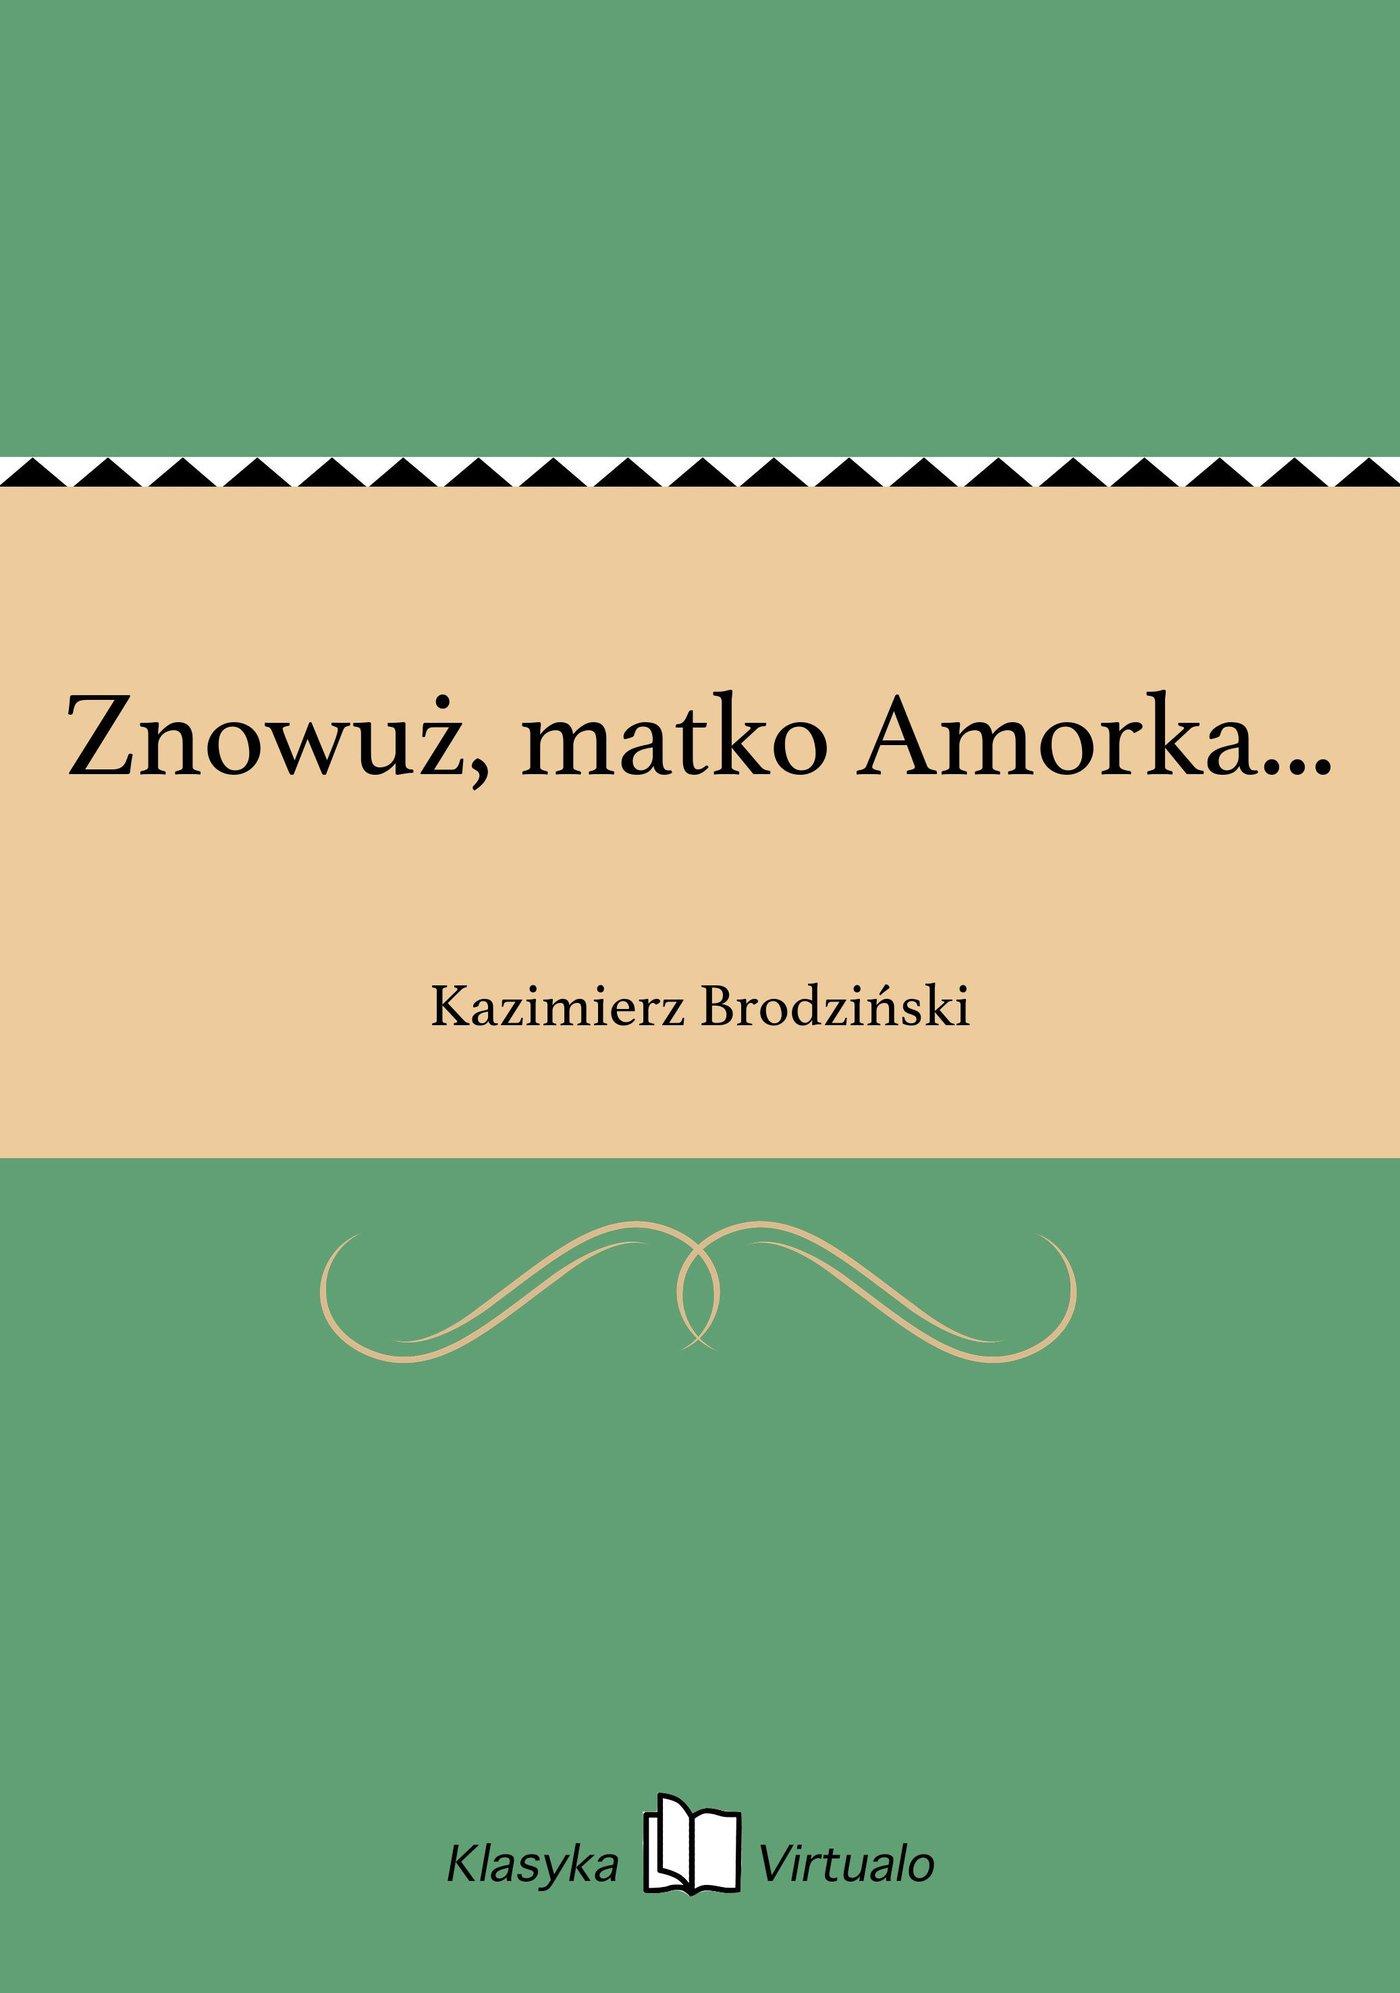 Znowuż, matko Amorka... - Ebook (Książka EPUB) do pobrania w formacie EPUB